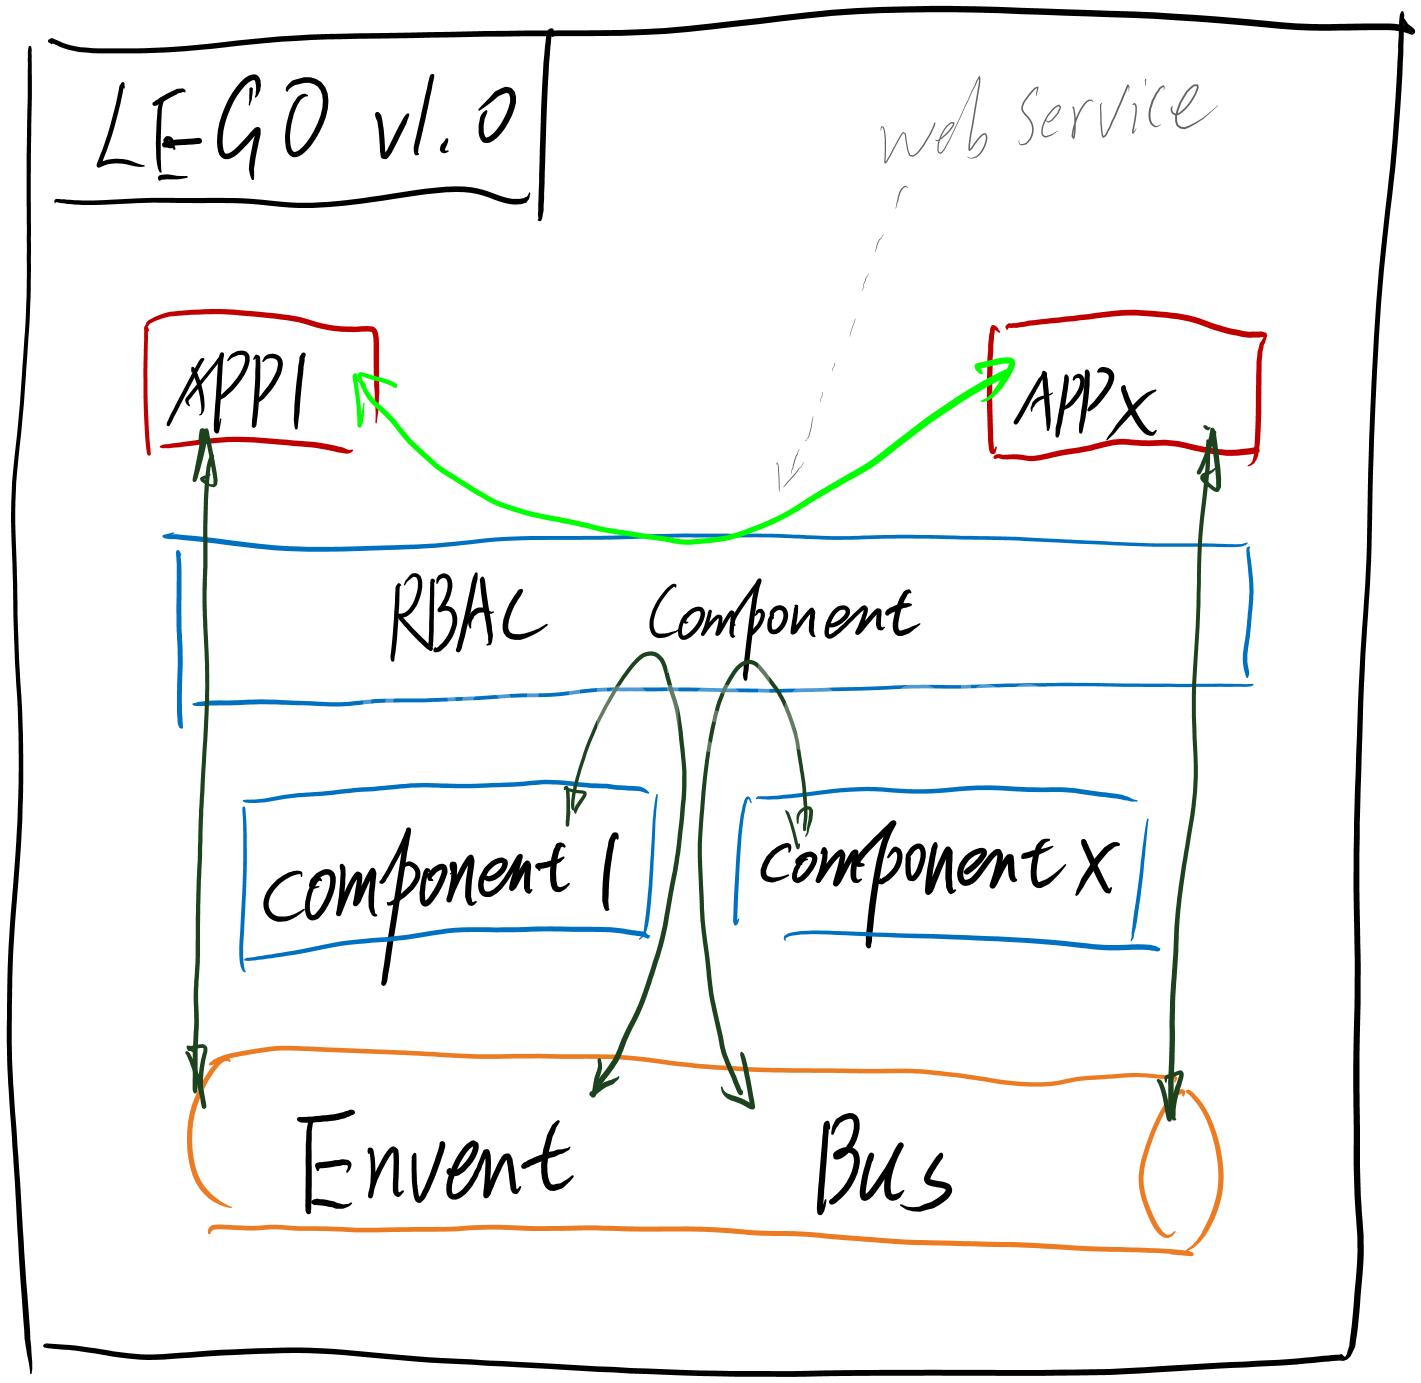 legov1.0